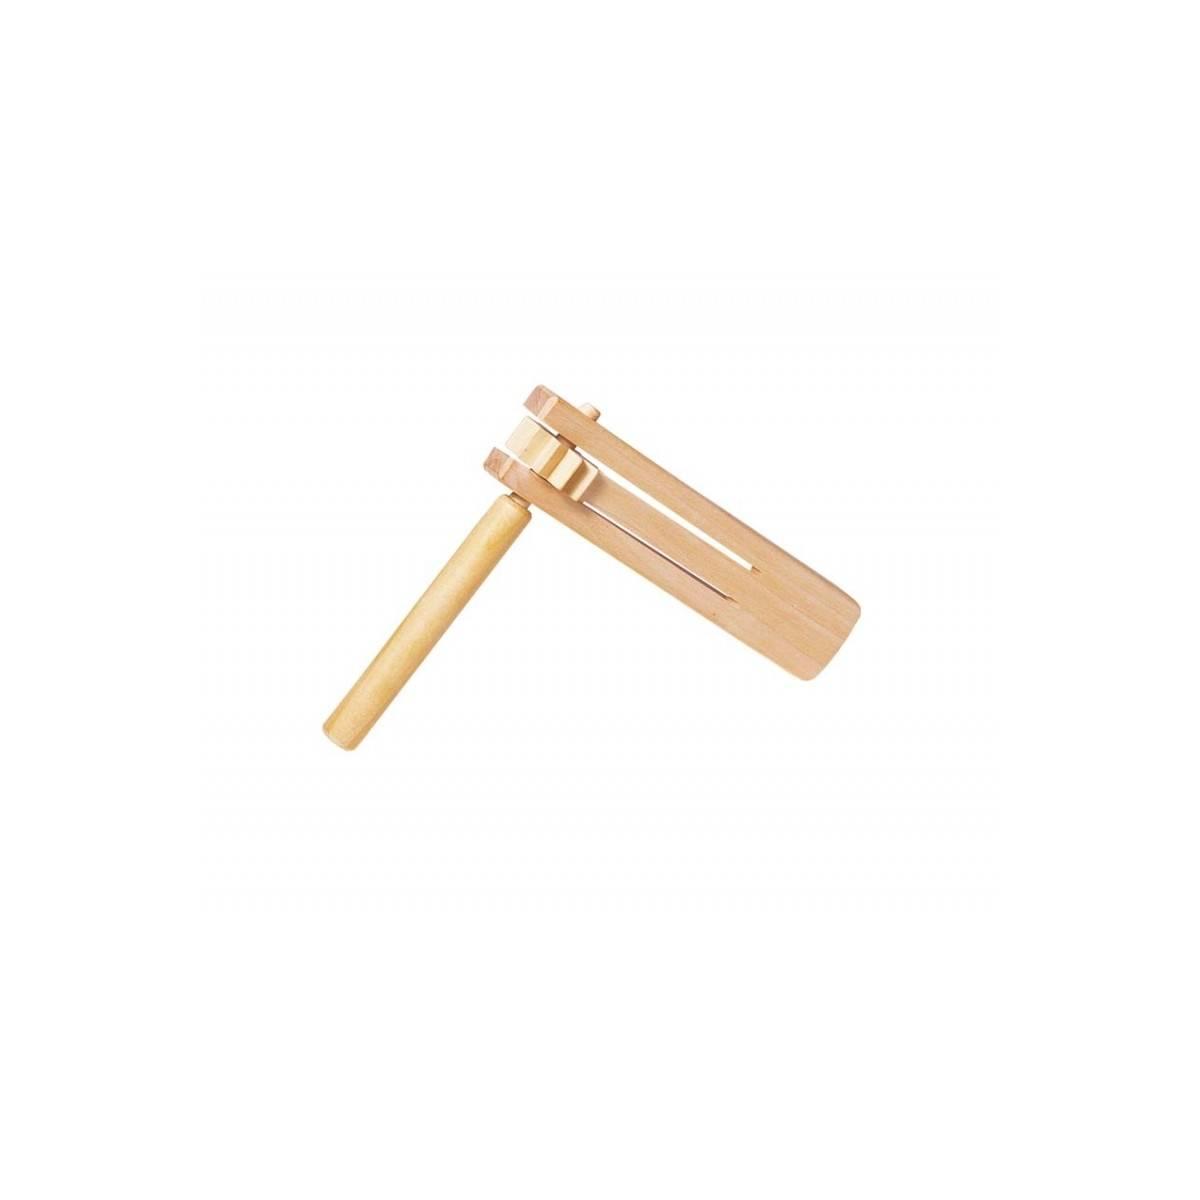 Crécelle simple bois naturel - Petite